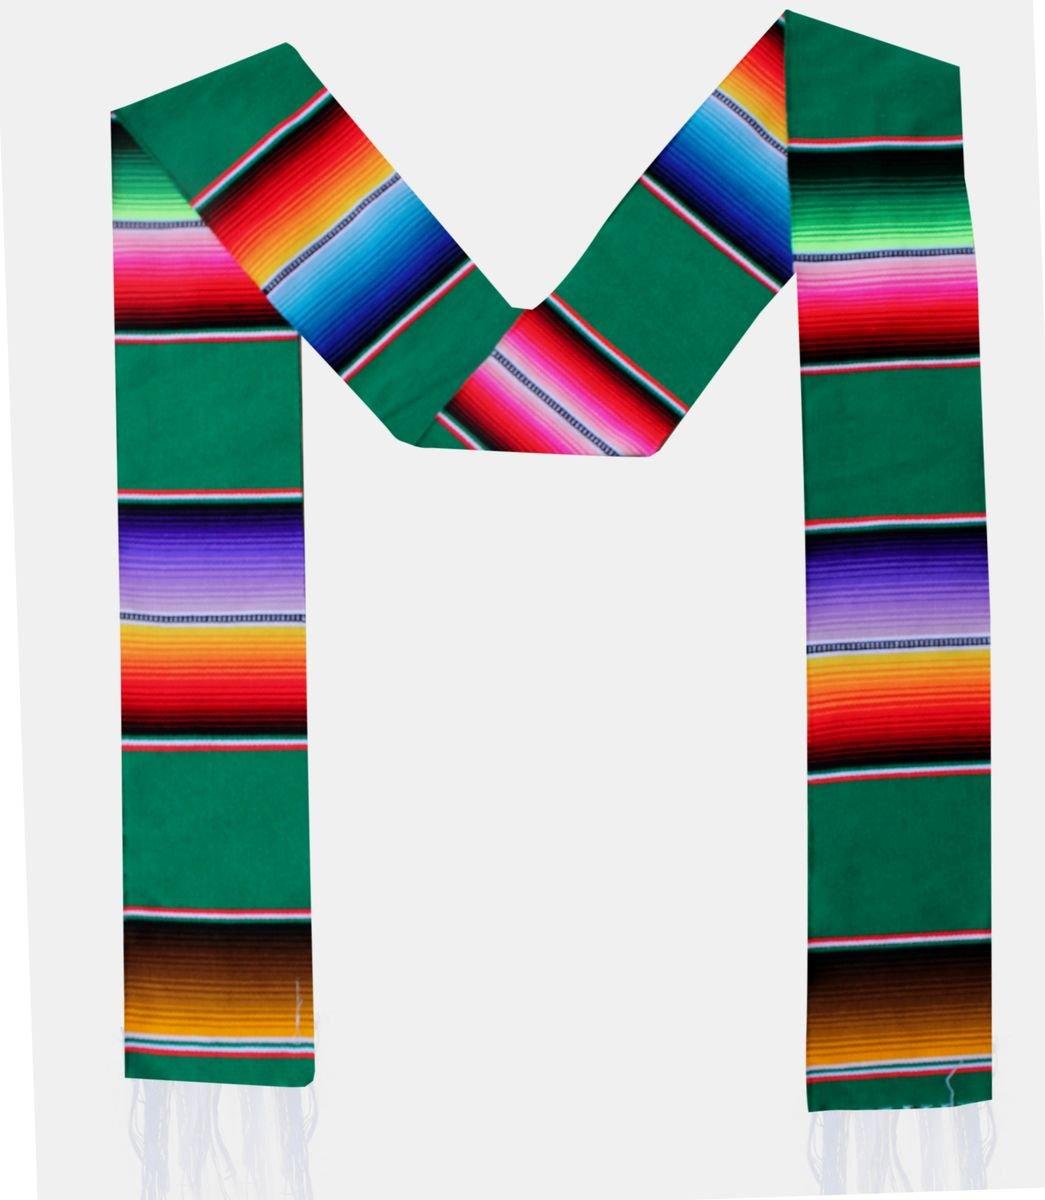 Del Mex Mexican Serape blanket Graduation Stole Sash Latino Hispanic (Green) by Del Mex (Image #3)